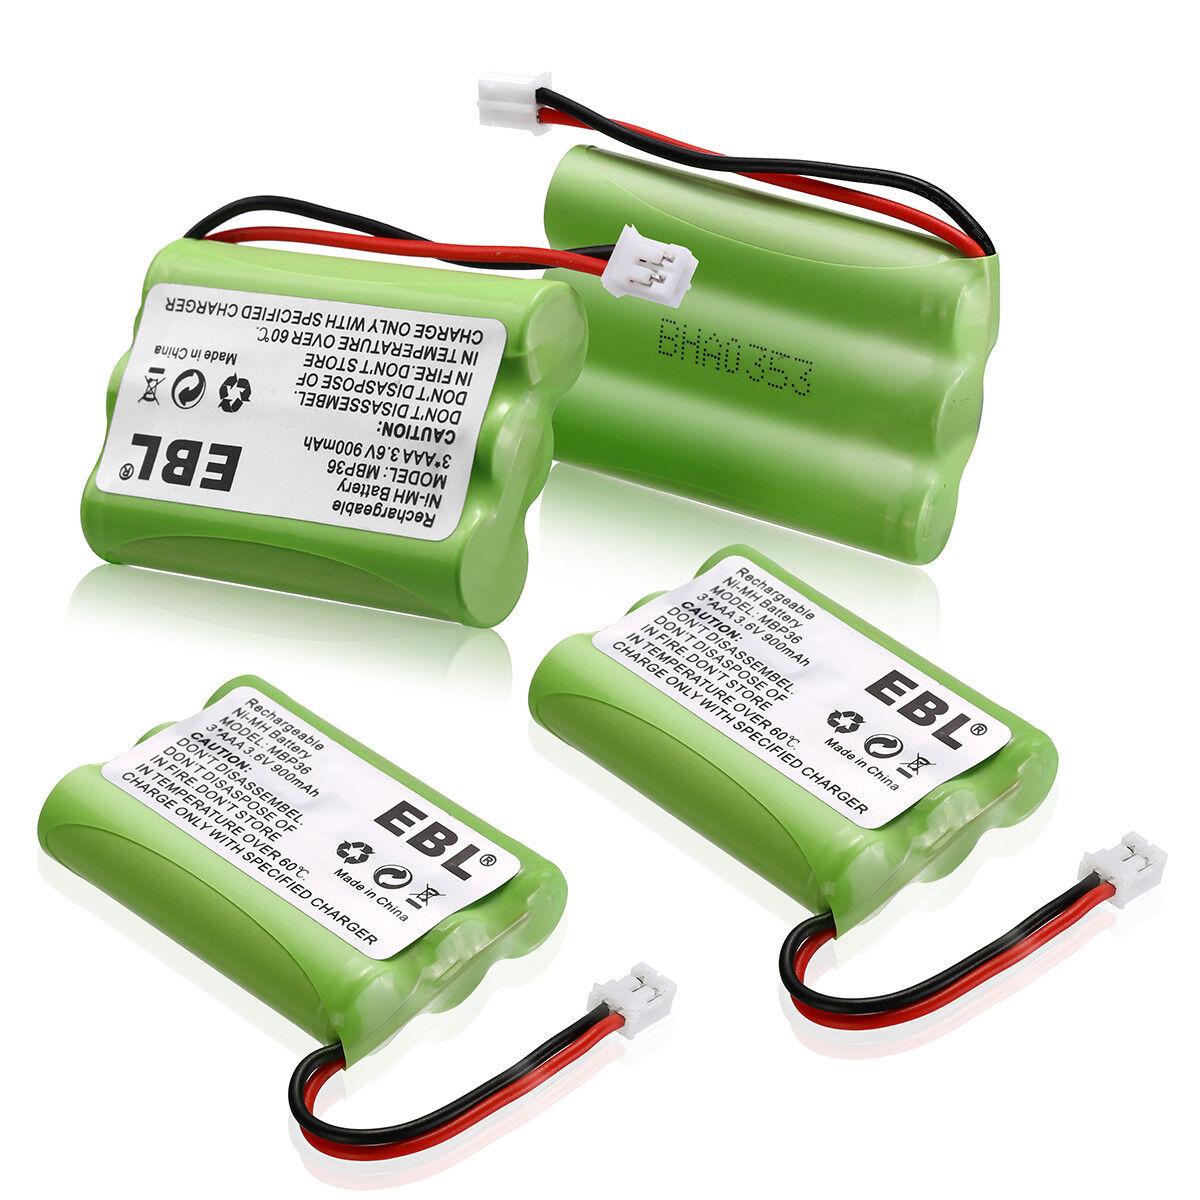 3.6V 900mAh Baby Monitor Battery for Motorola MBP33 MBP33S M